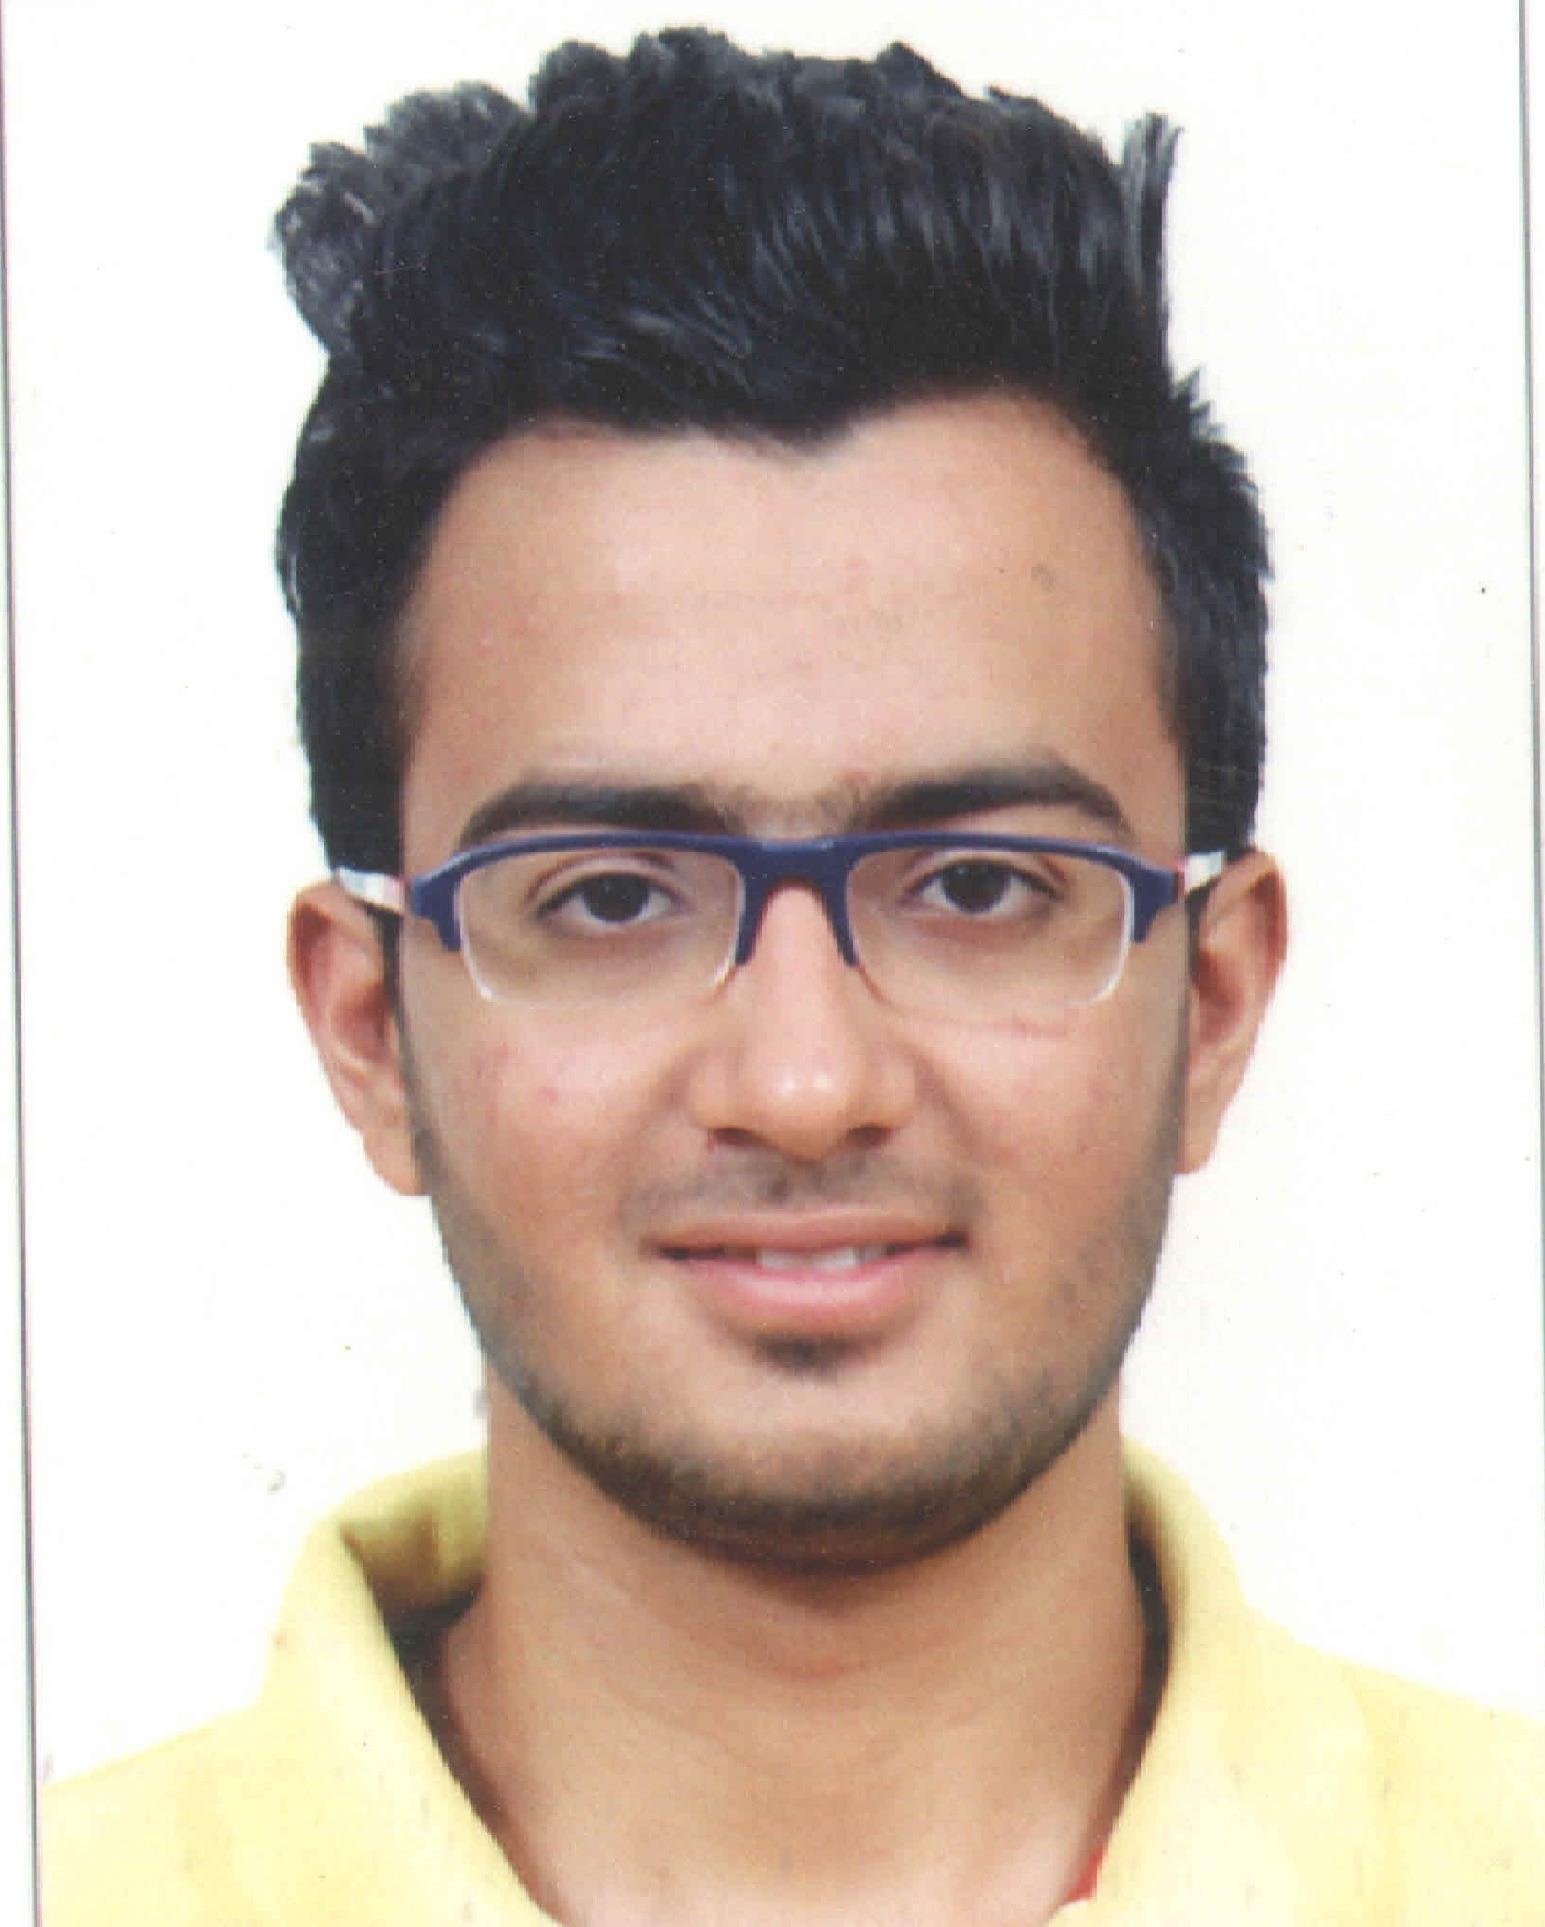 Aakash Bherwani